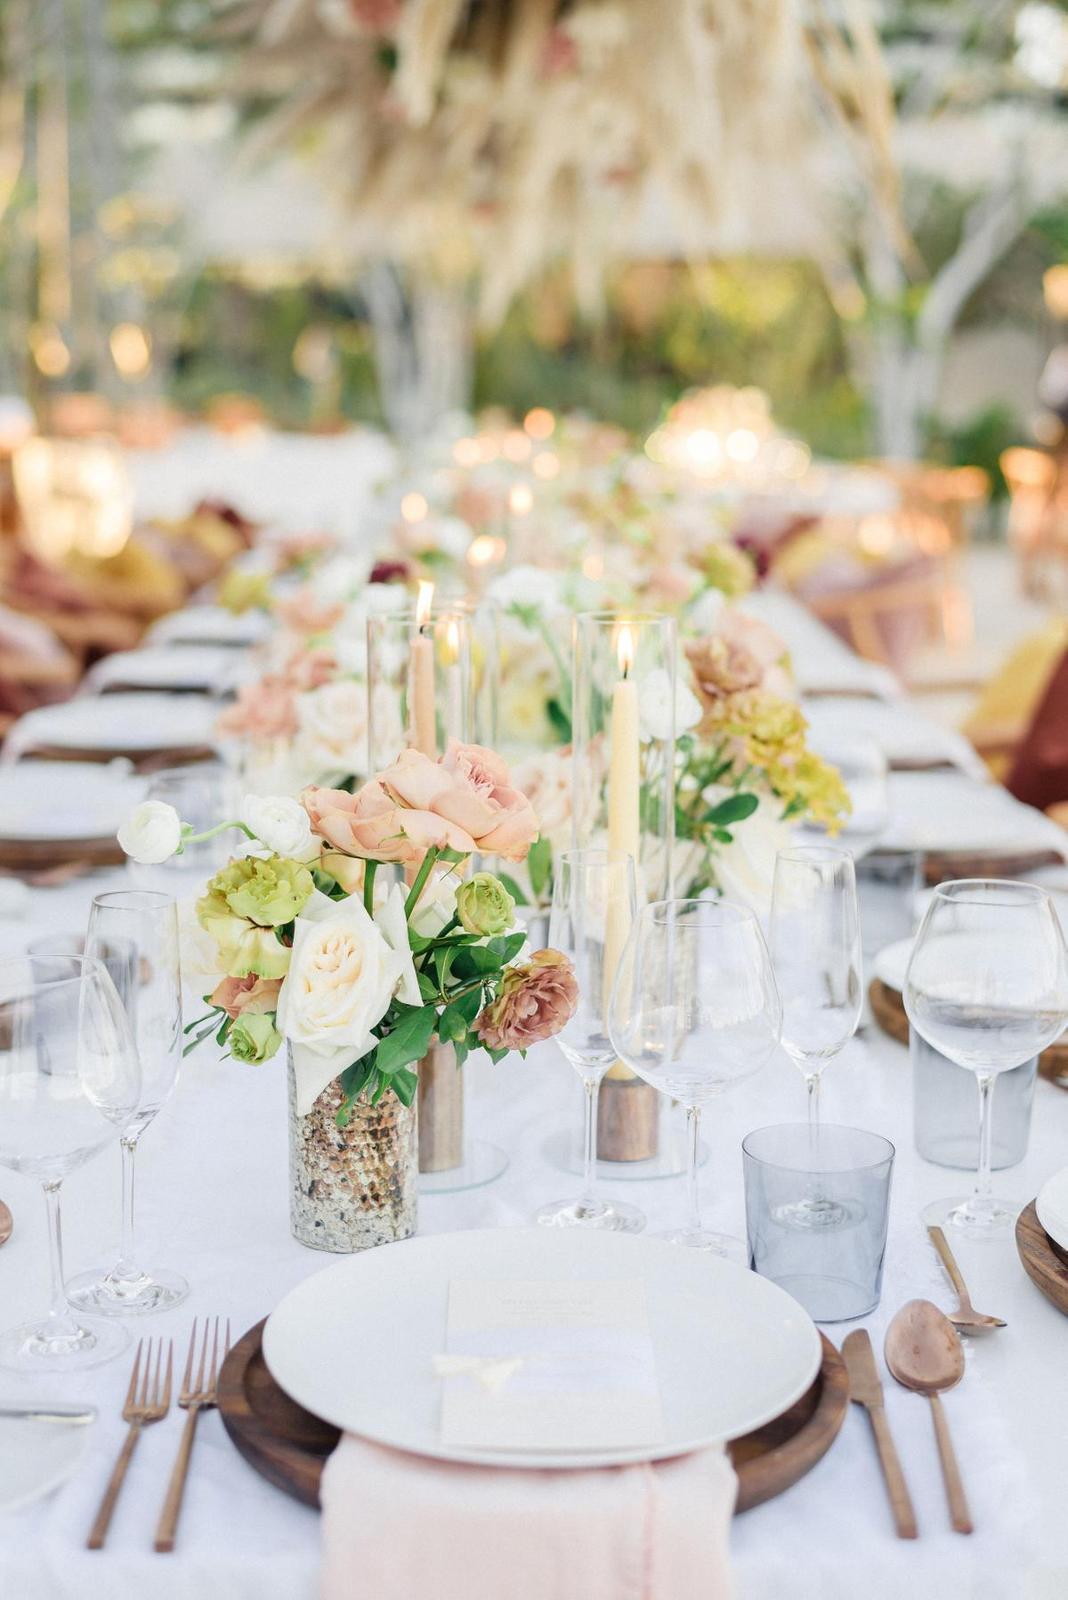 Inšpirácie na svadobné stolovovanie - Obrázok č. 37